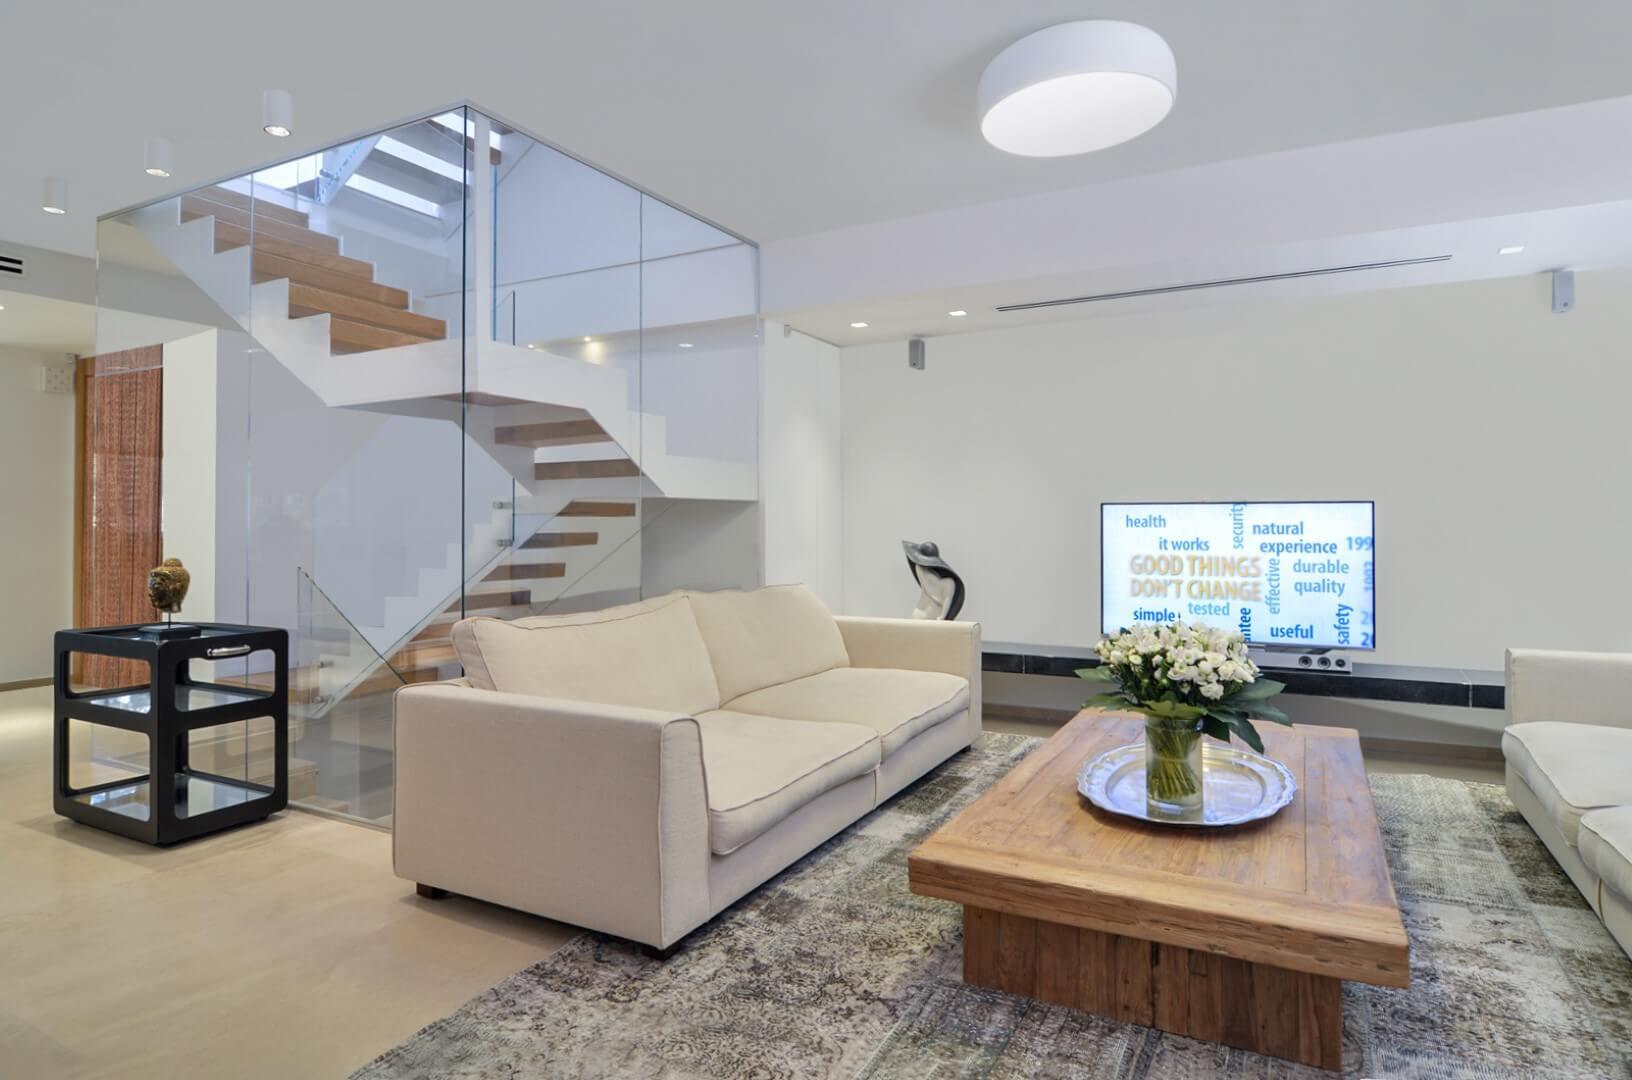 מבט מהסלון על שלושה גרמי מדרגות ברזל לבן משולב עץ אלון אמריקאי בגוון של ברונזה מטלית